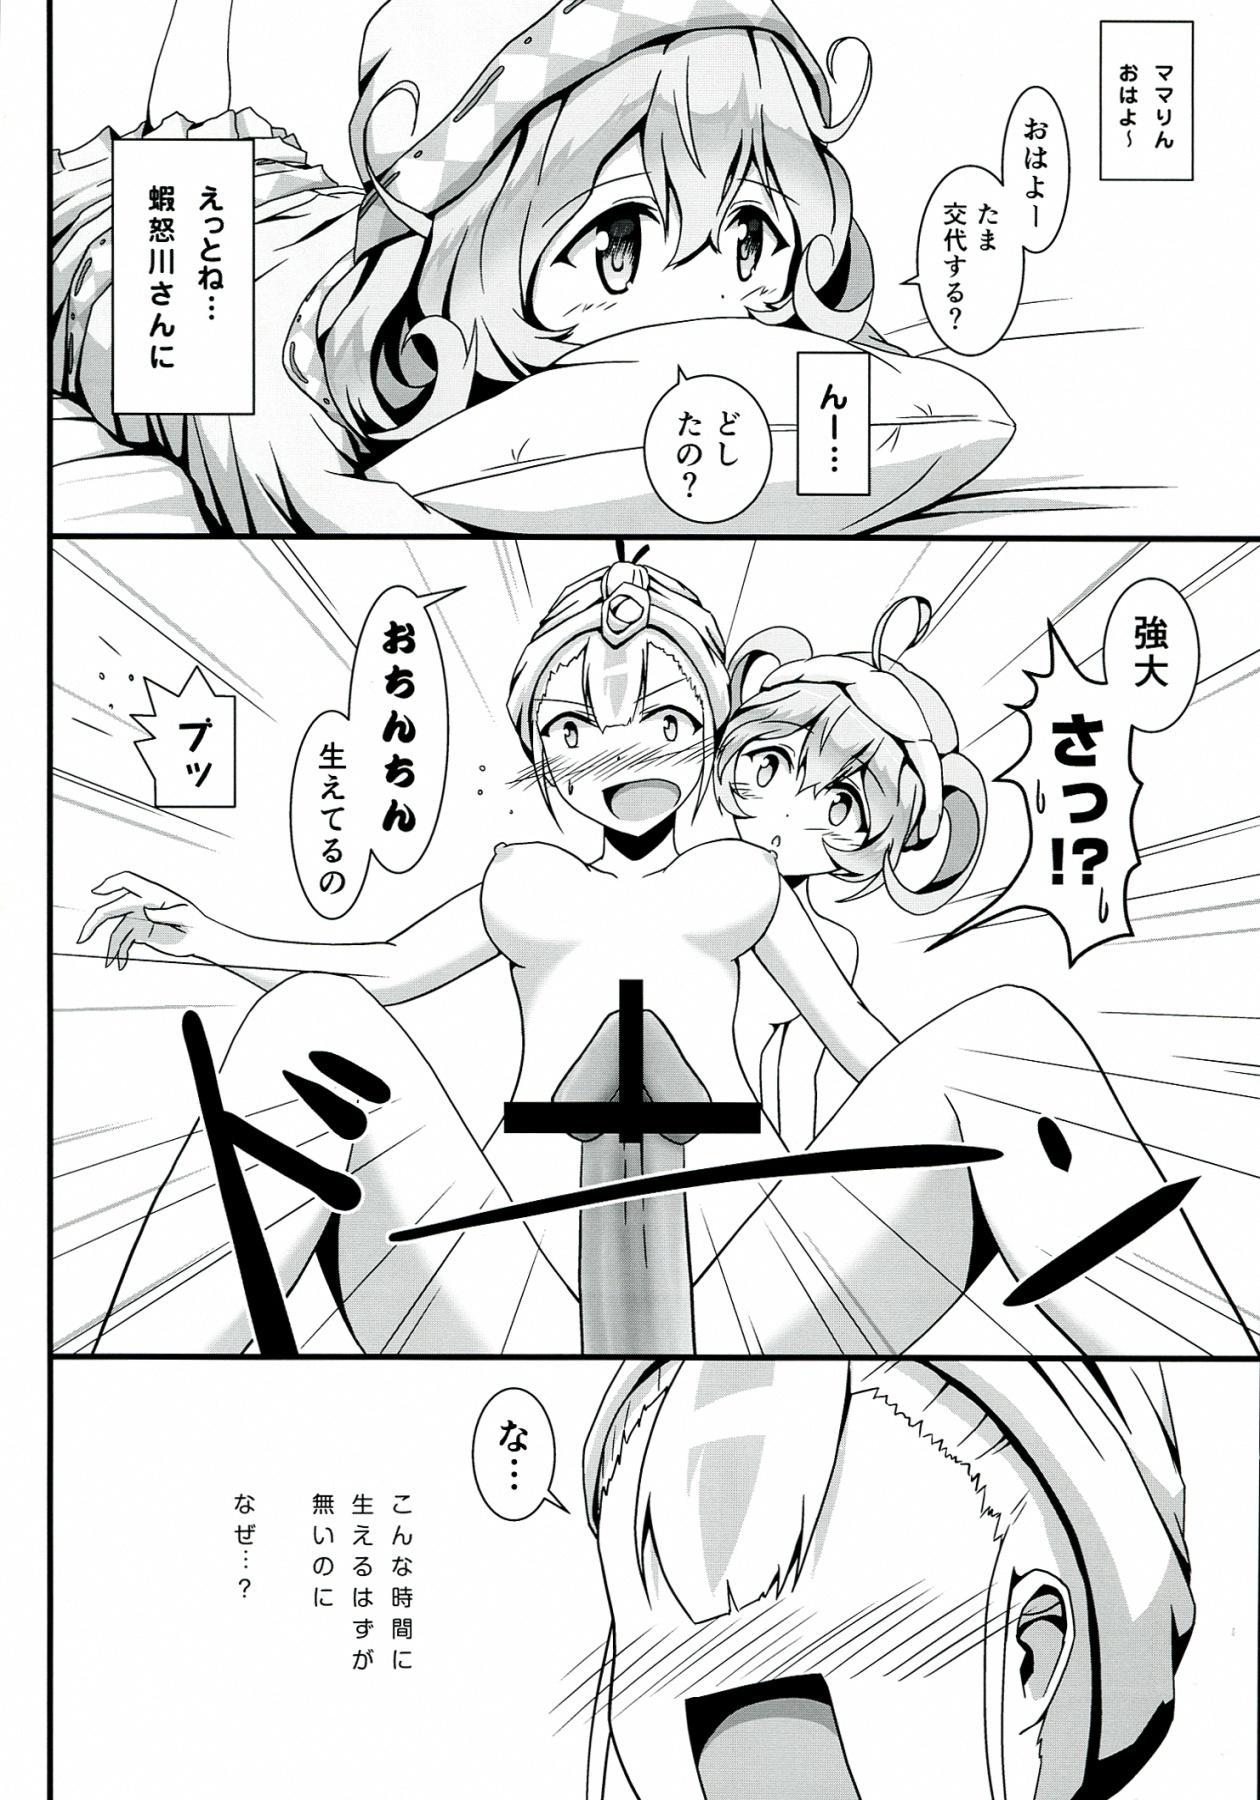 SASAMI-san LINK! 10